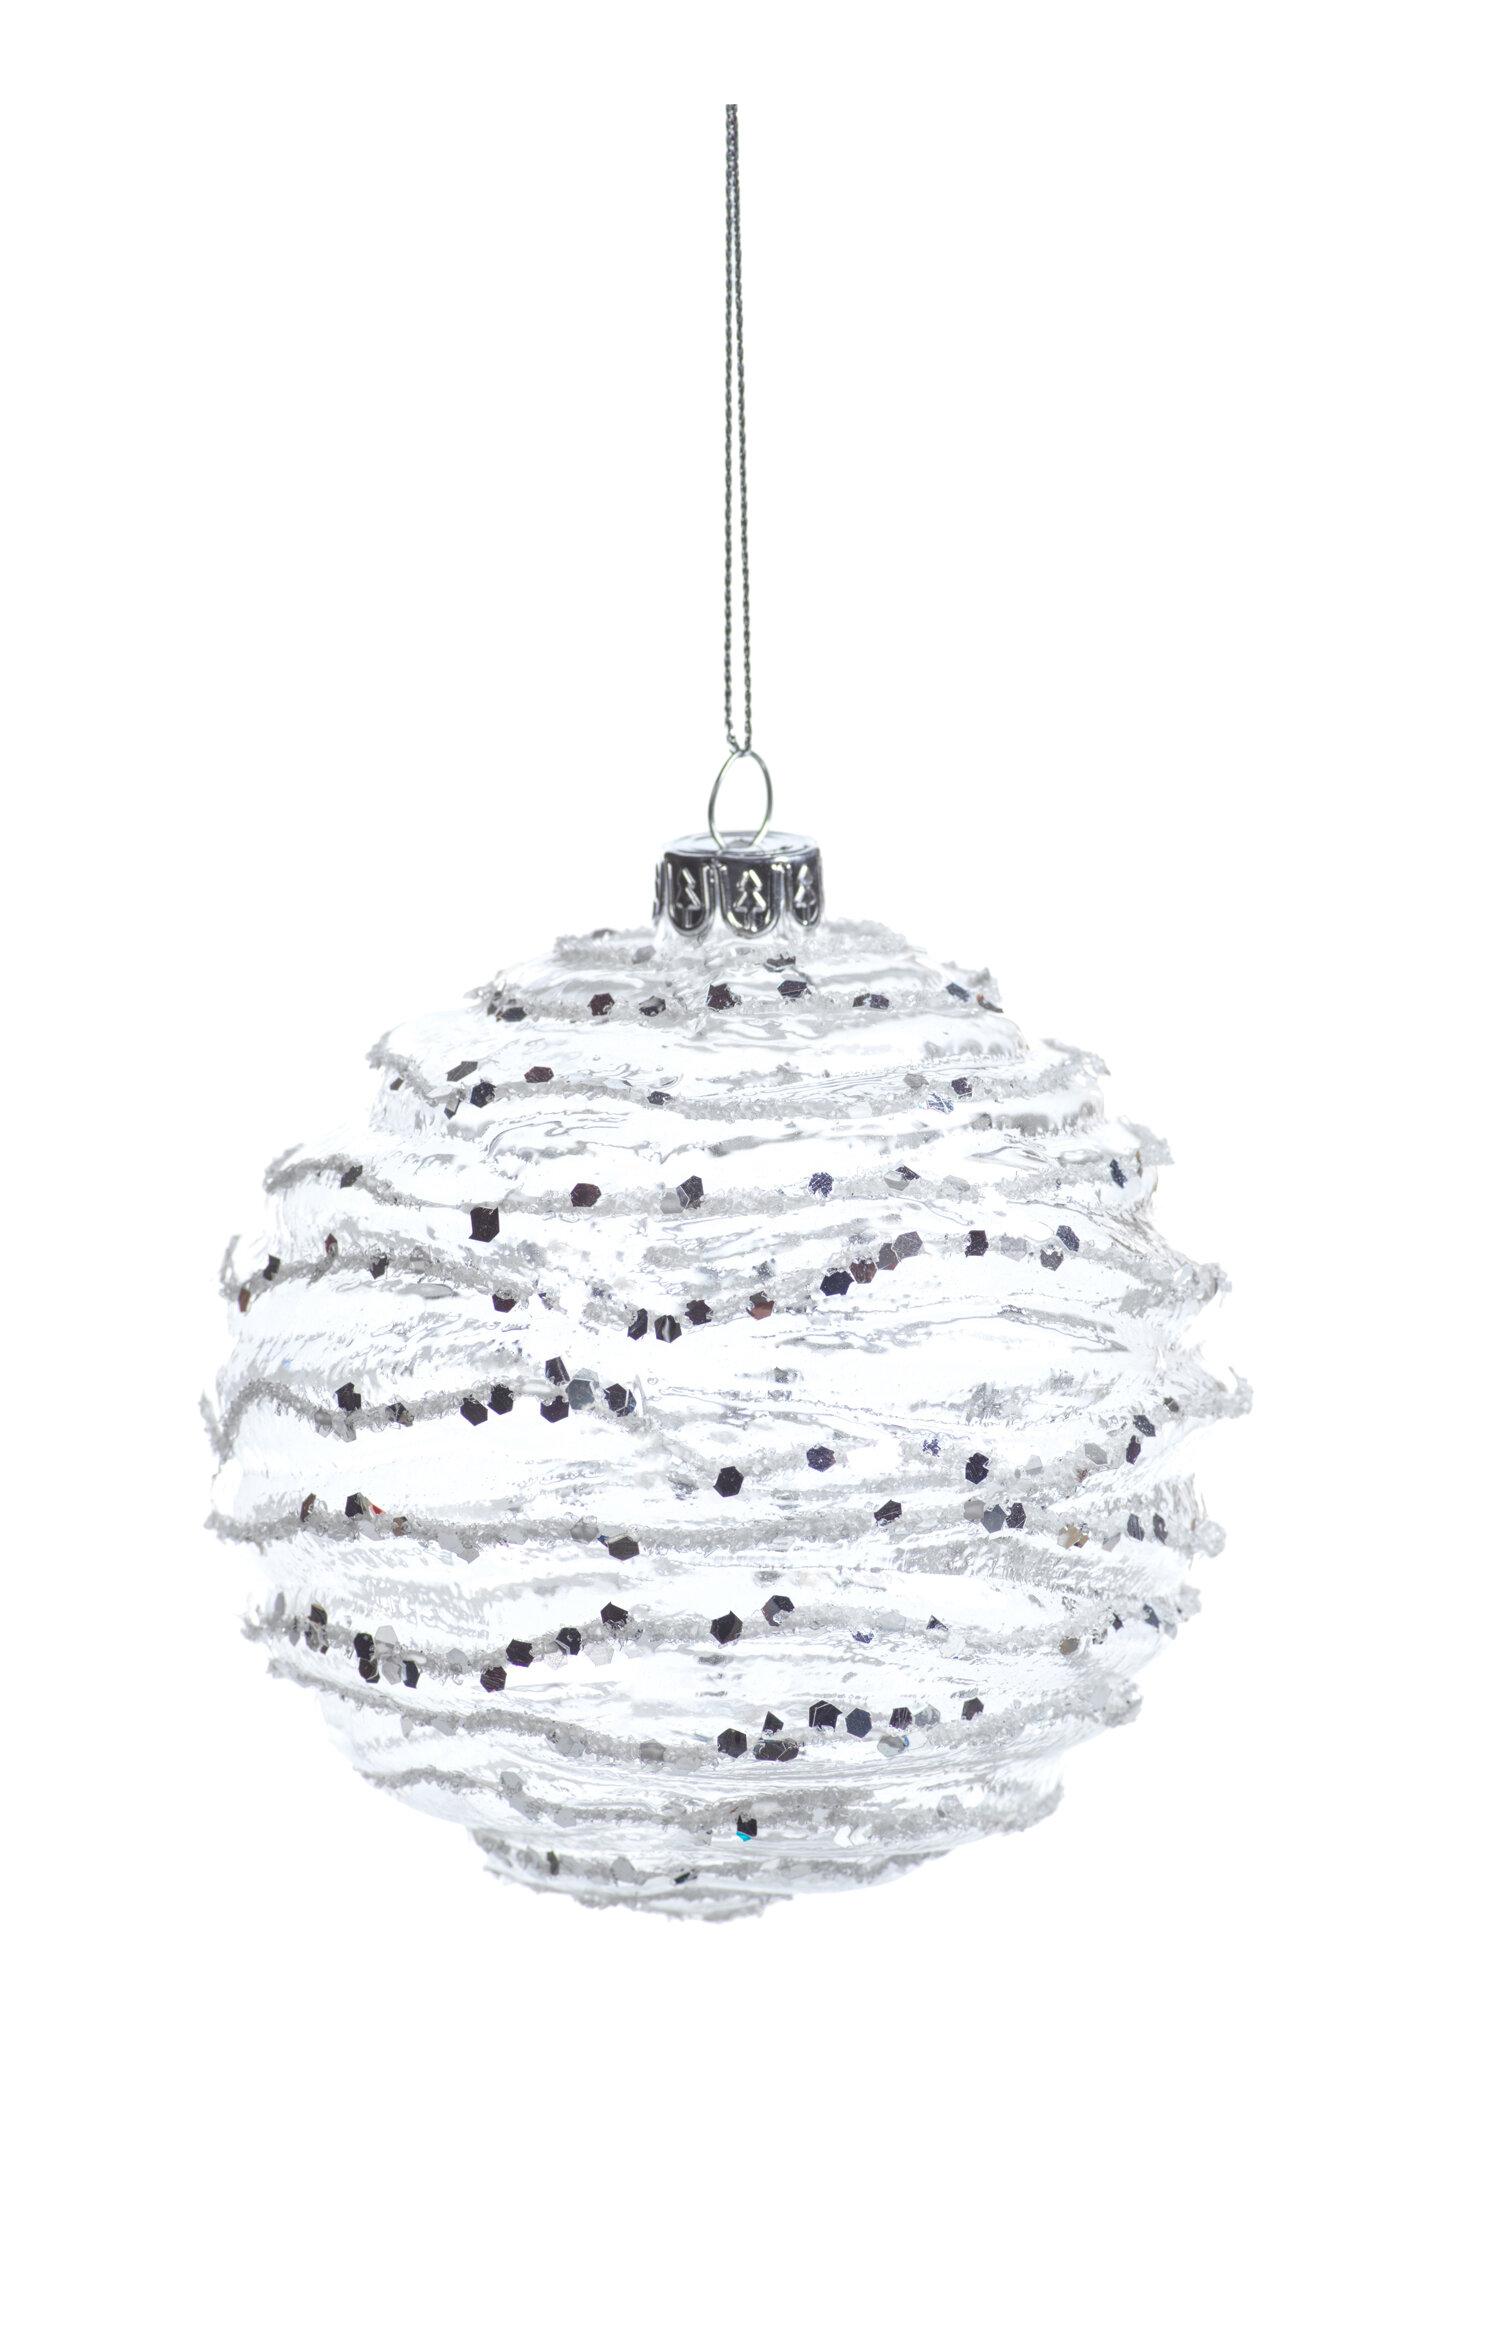 The Holiday Aisle Wave Ball Ornament Wayfair